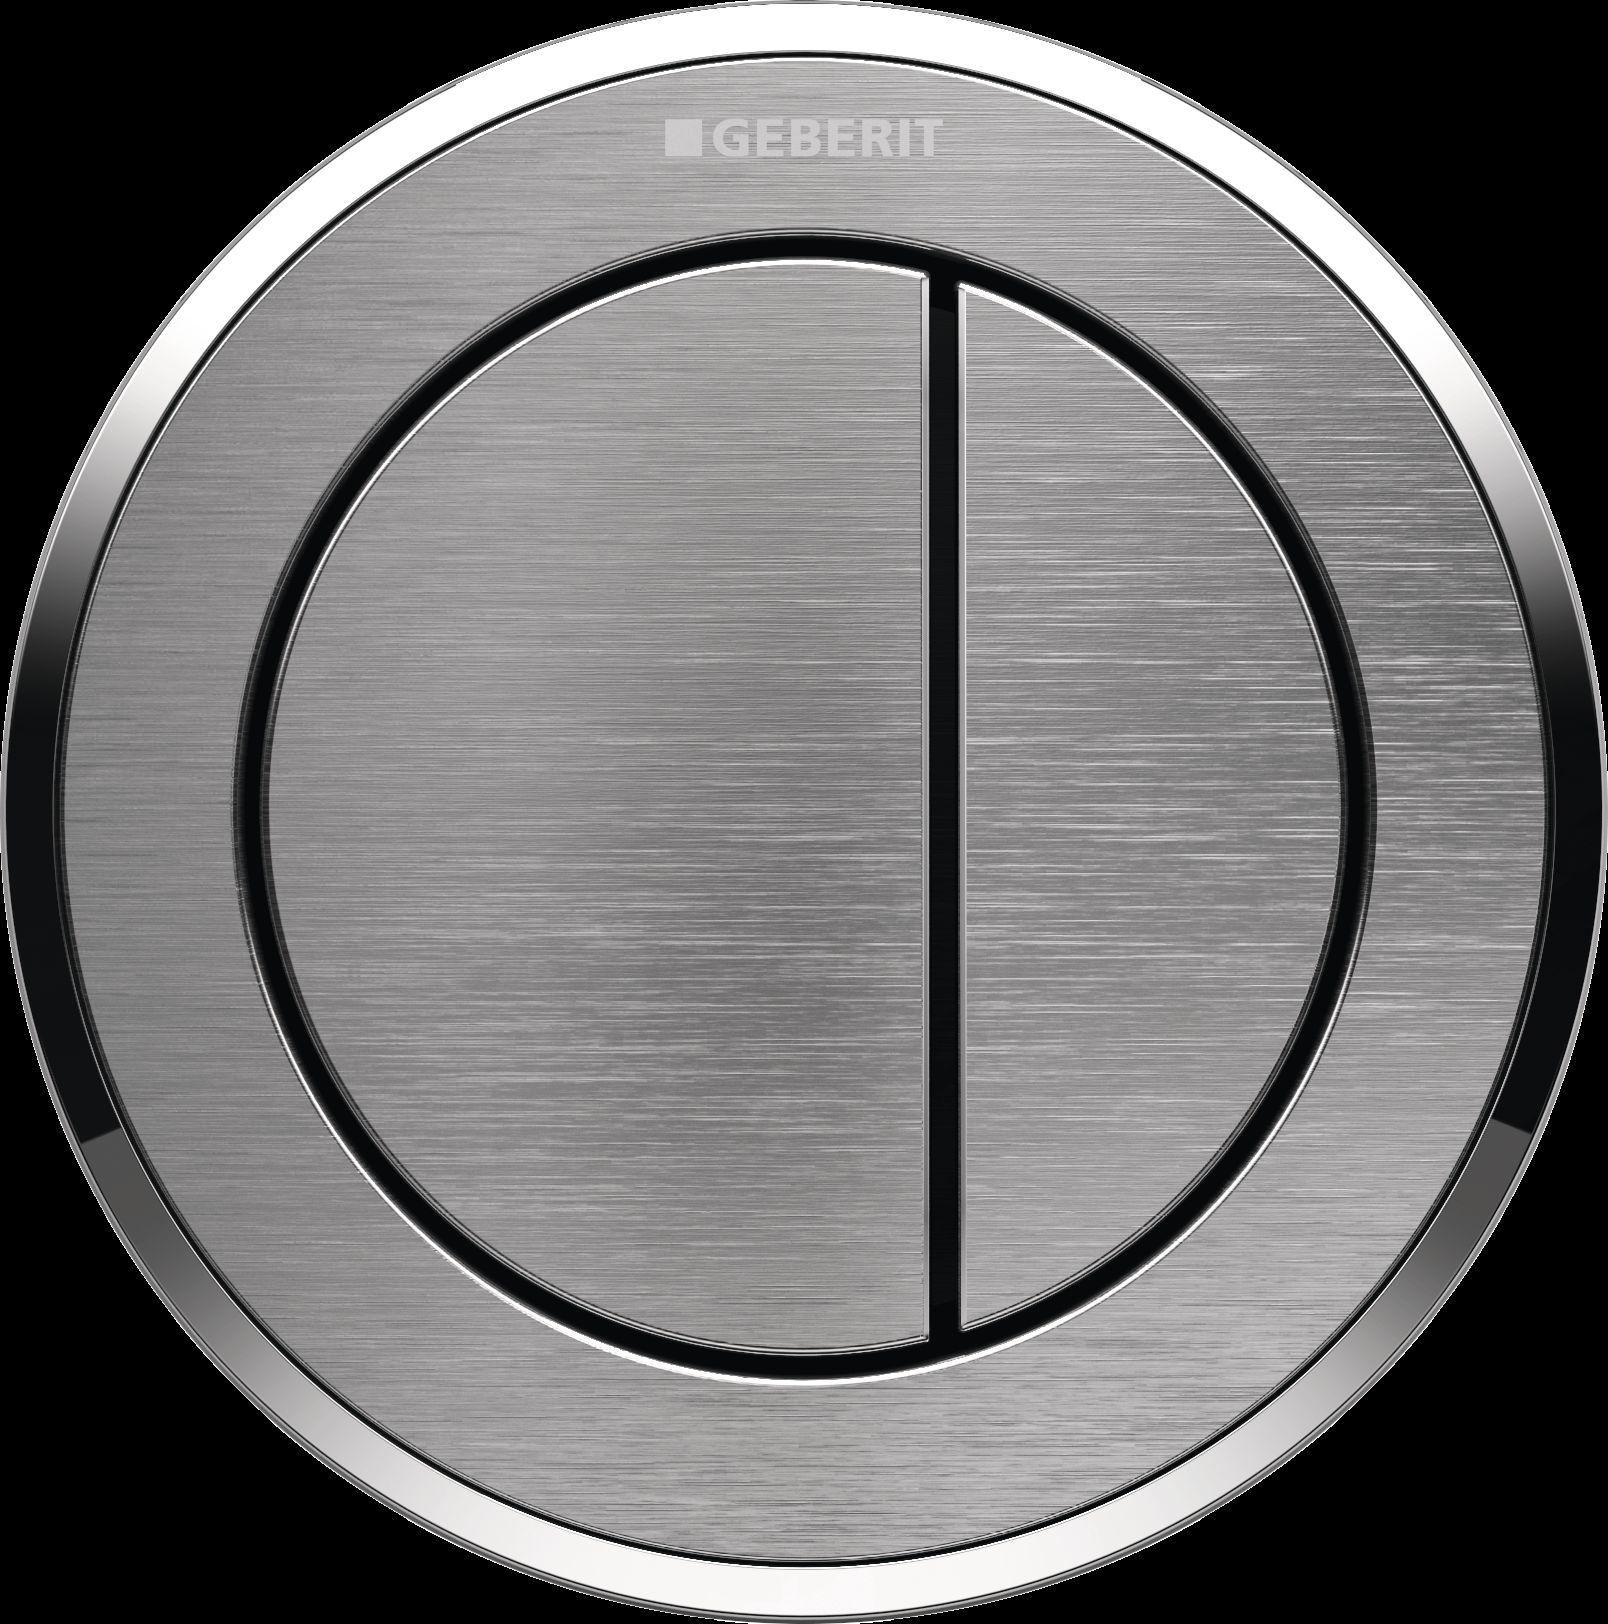 Geberit spoelknop Type 10 met bediening op afstand